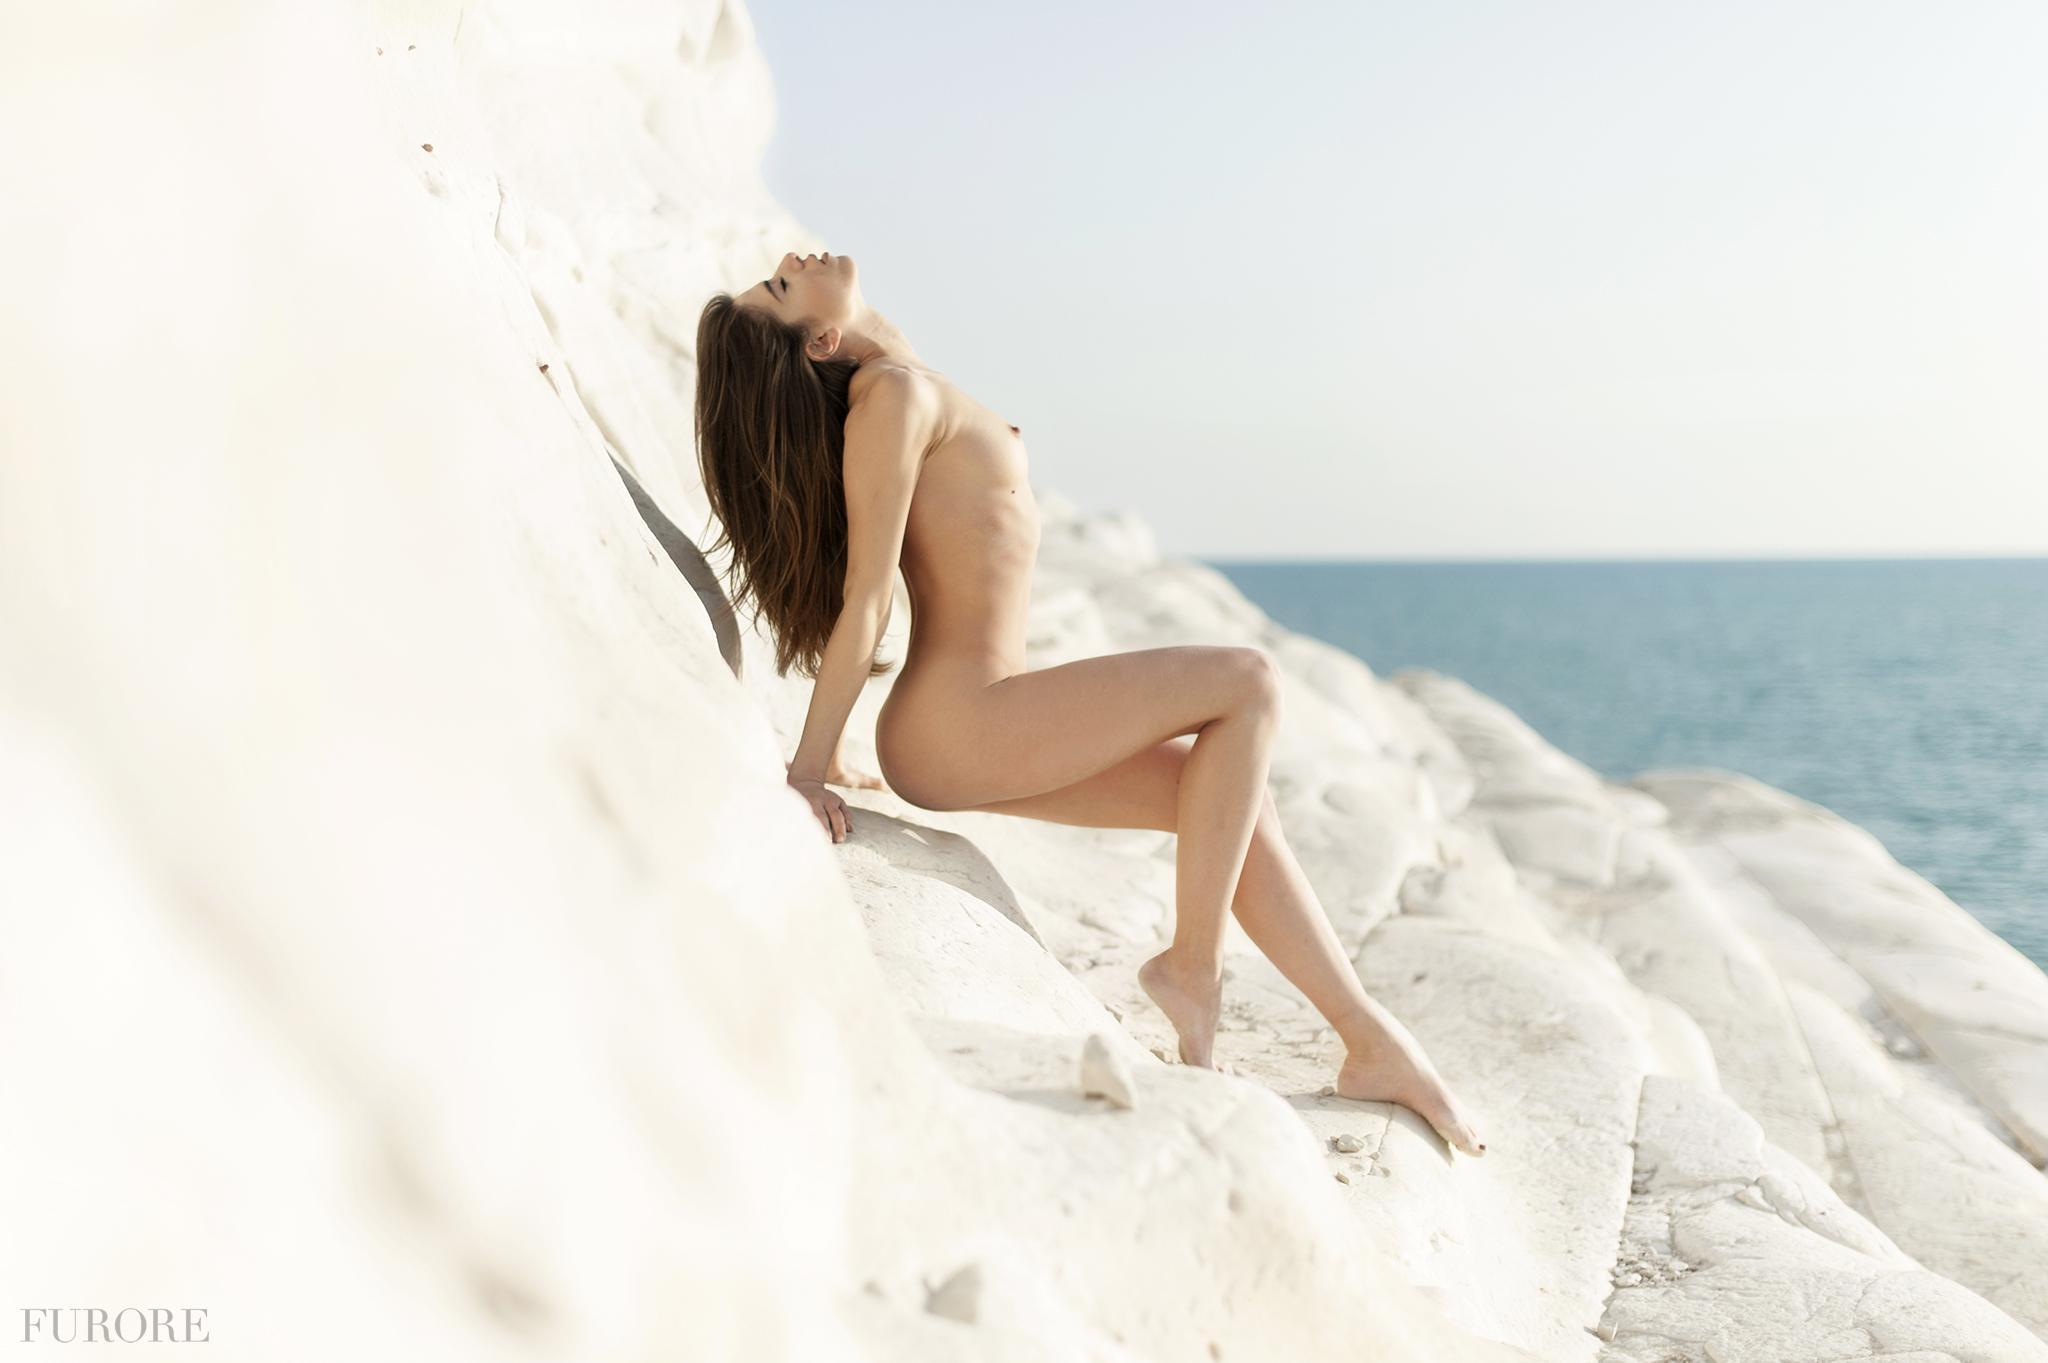 massimo-vecchi-chiara_nude_2048